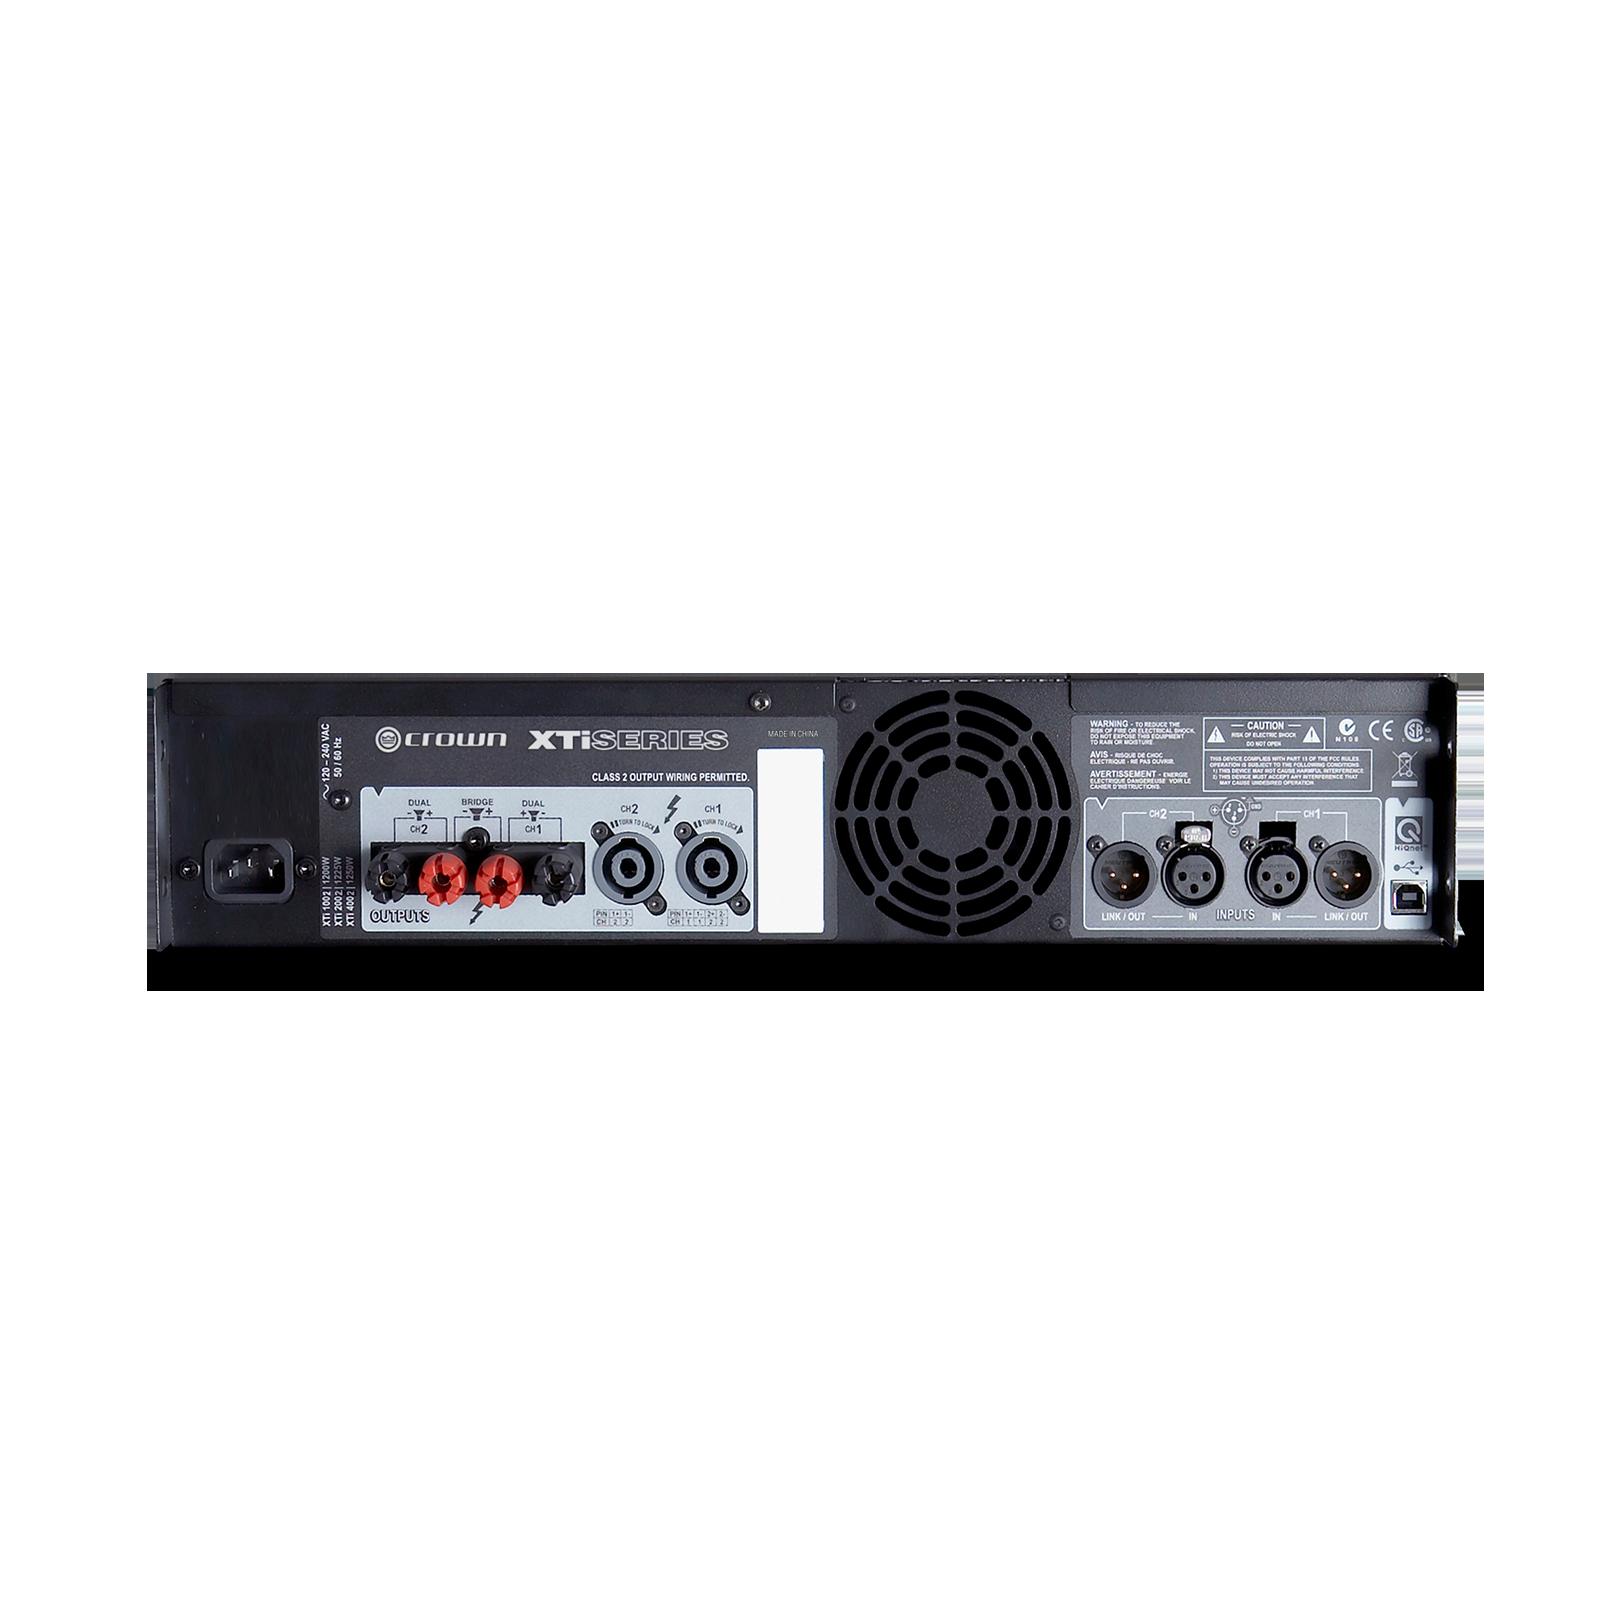 XTi 2002 - Grey - Two-channel, 800W @ 4Ω power amplifier - Back